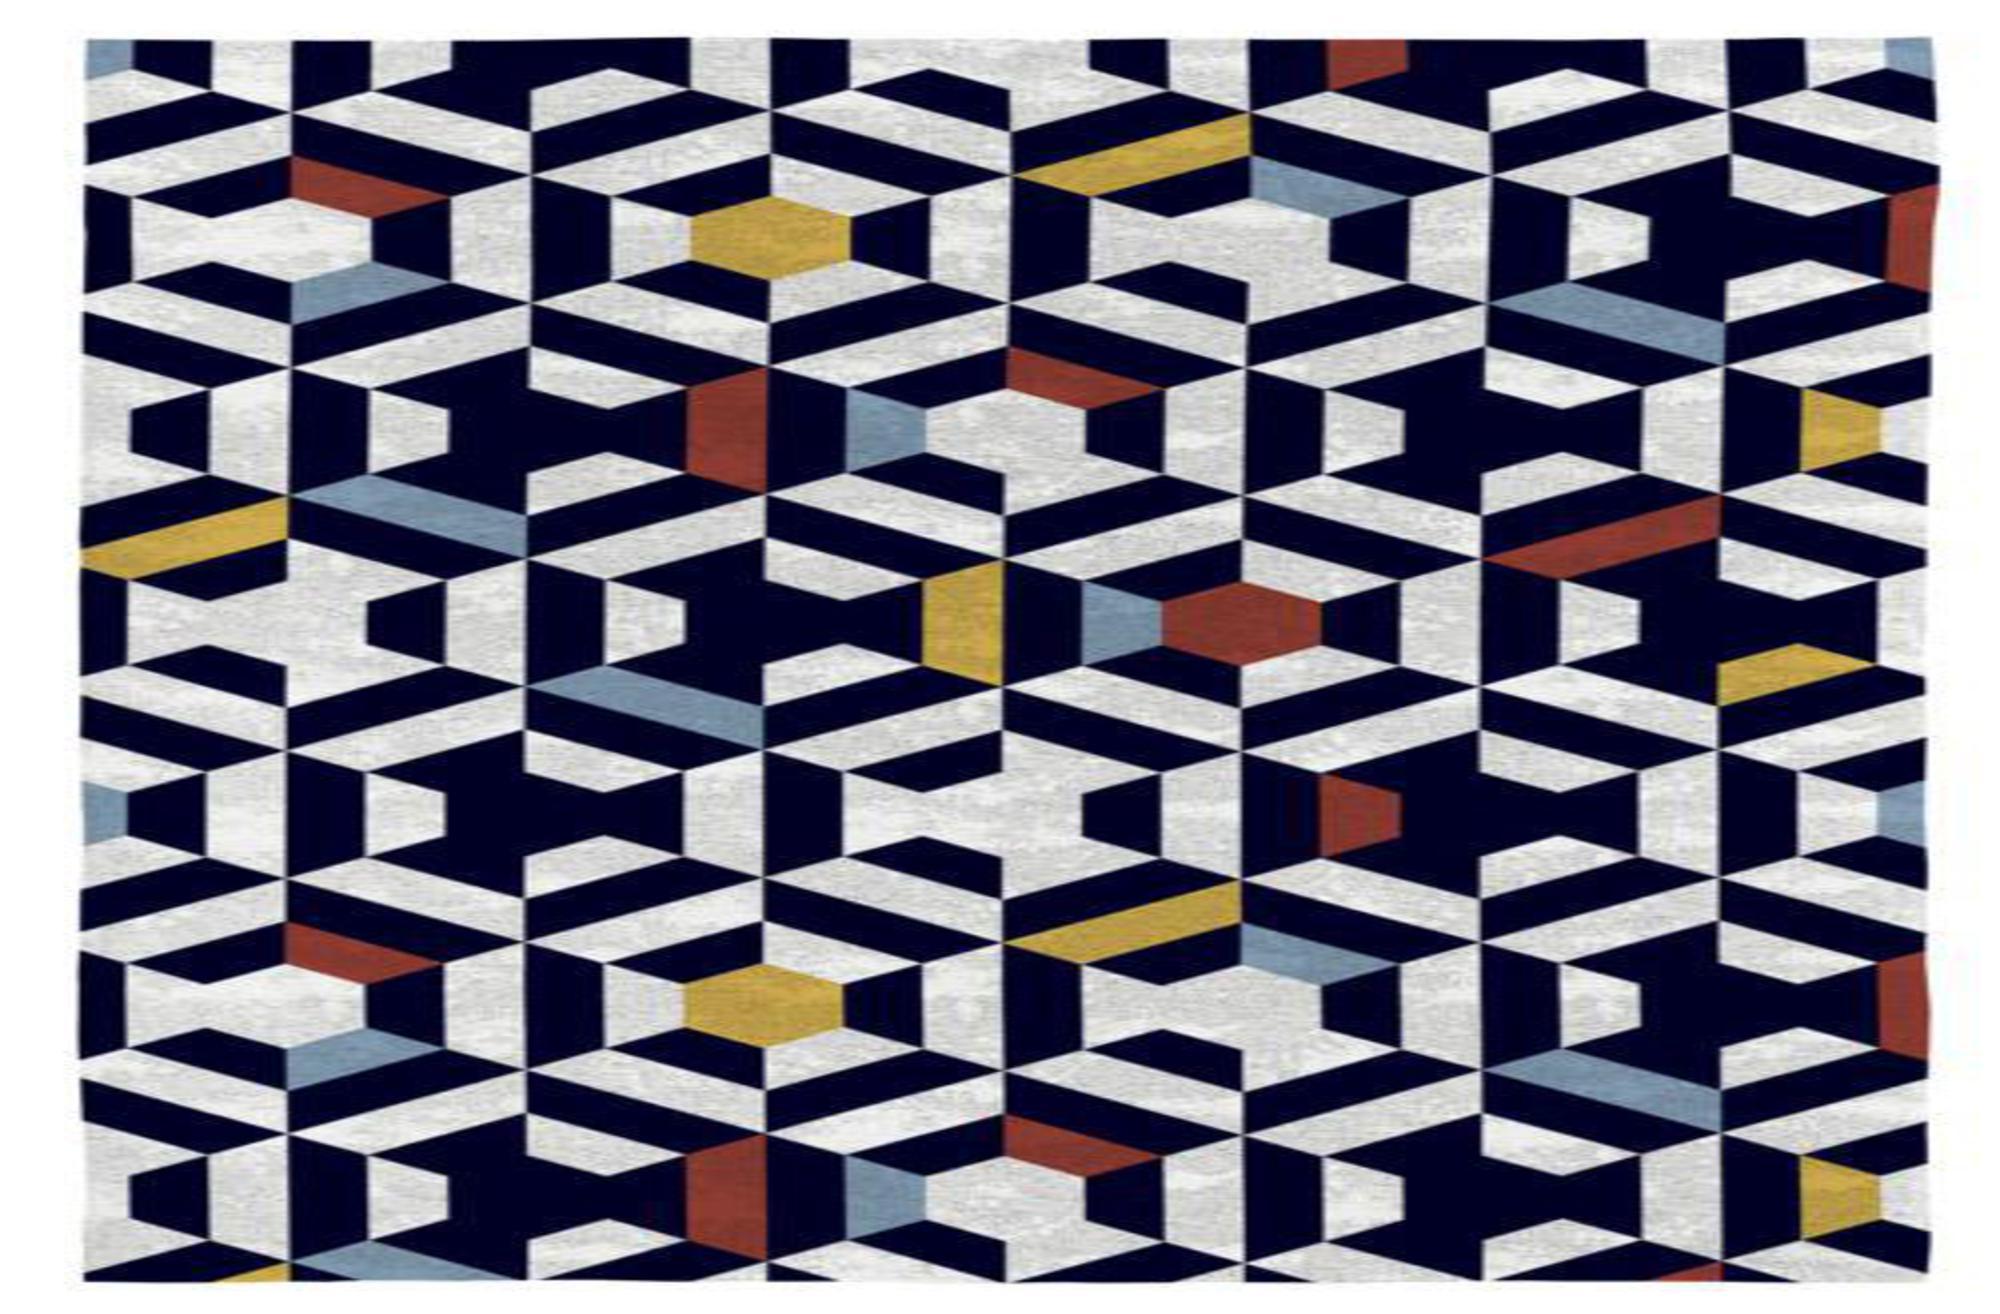 Rodier Tapis décoratif en coton en impression numérique 160x230